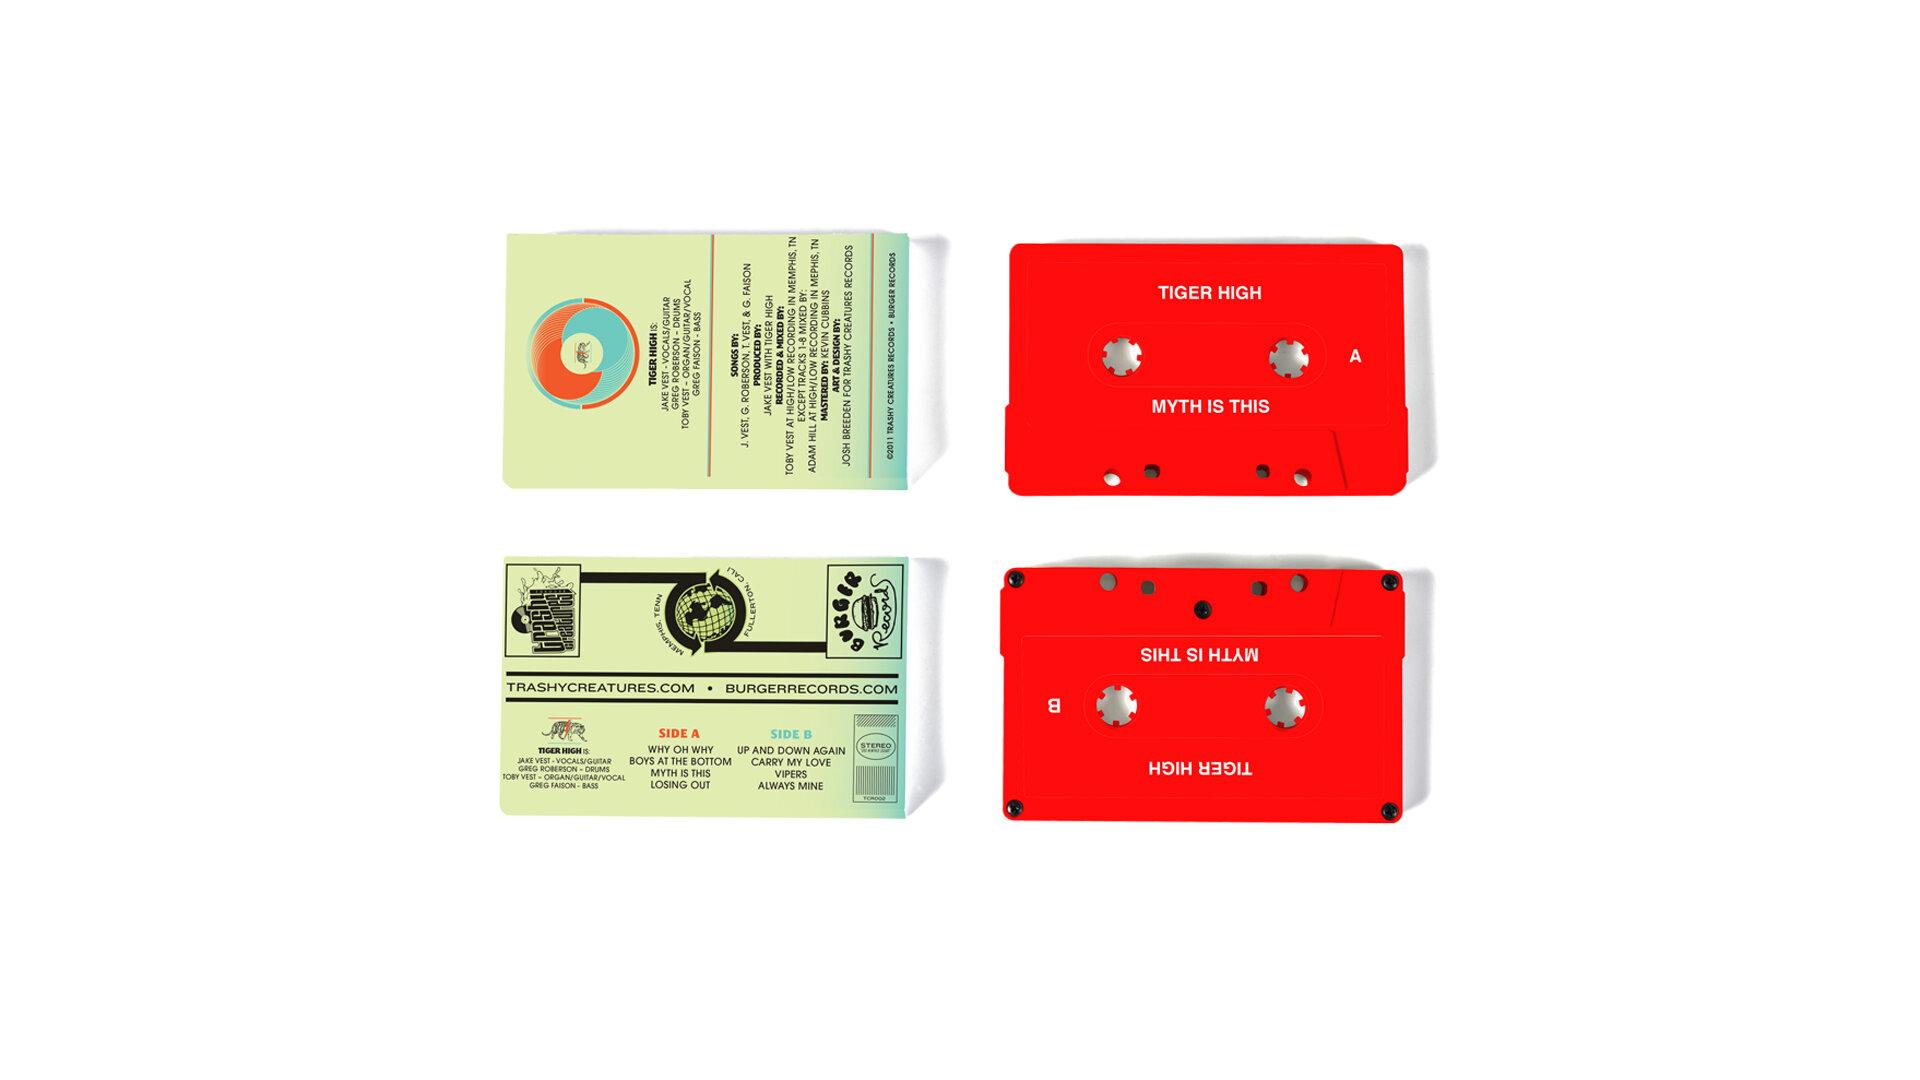 TH-Myth-Cassette-Full-Mockup.jpg